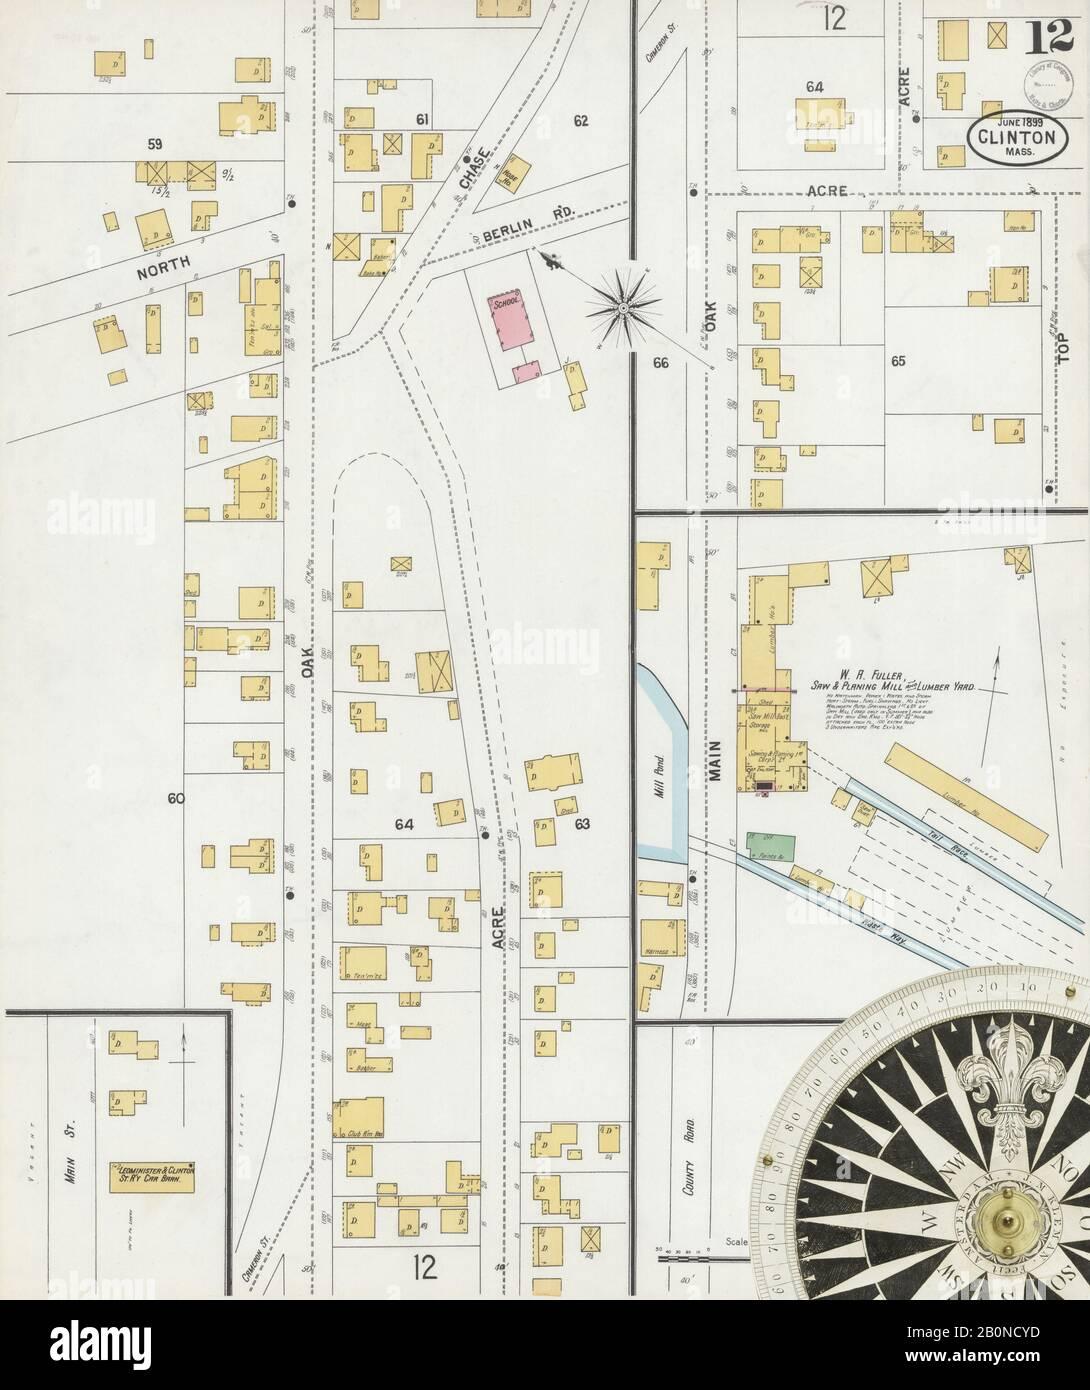 Immagine 12 Della Mappa Sanborn Fire Insurance Di Clinton, Worcester County, Massachusetts. Giu 1899. 12 fogli, America, mappa stradale con una bussola Del Xix Secolo Foto Stock